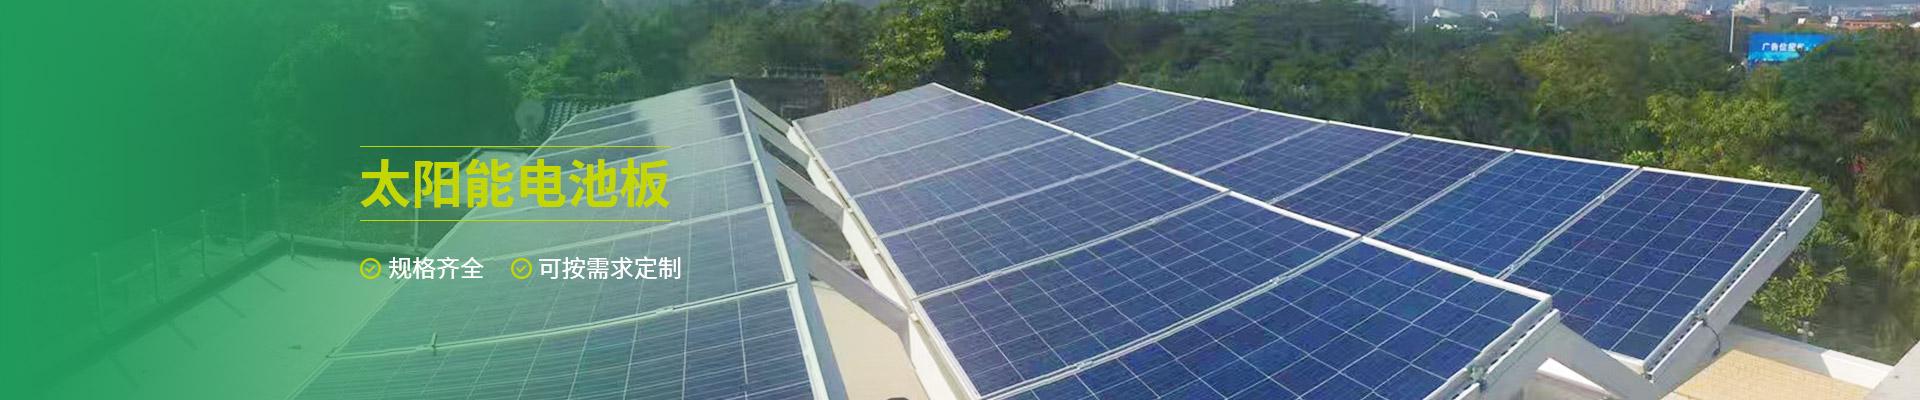 大家有太阳能电池板 规格齐全 可按需求定制